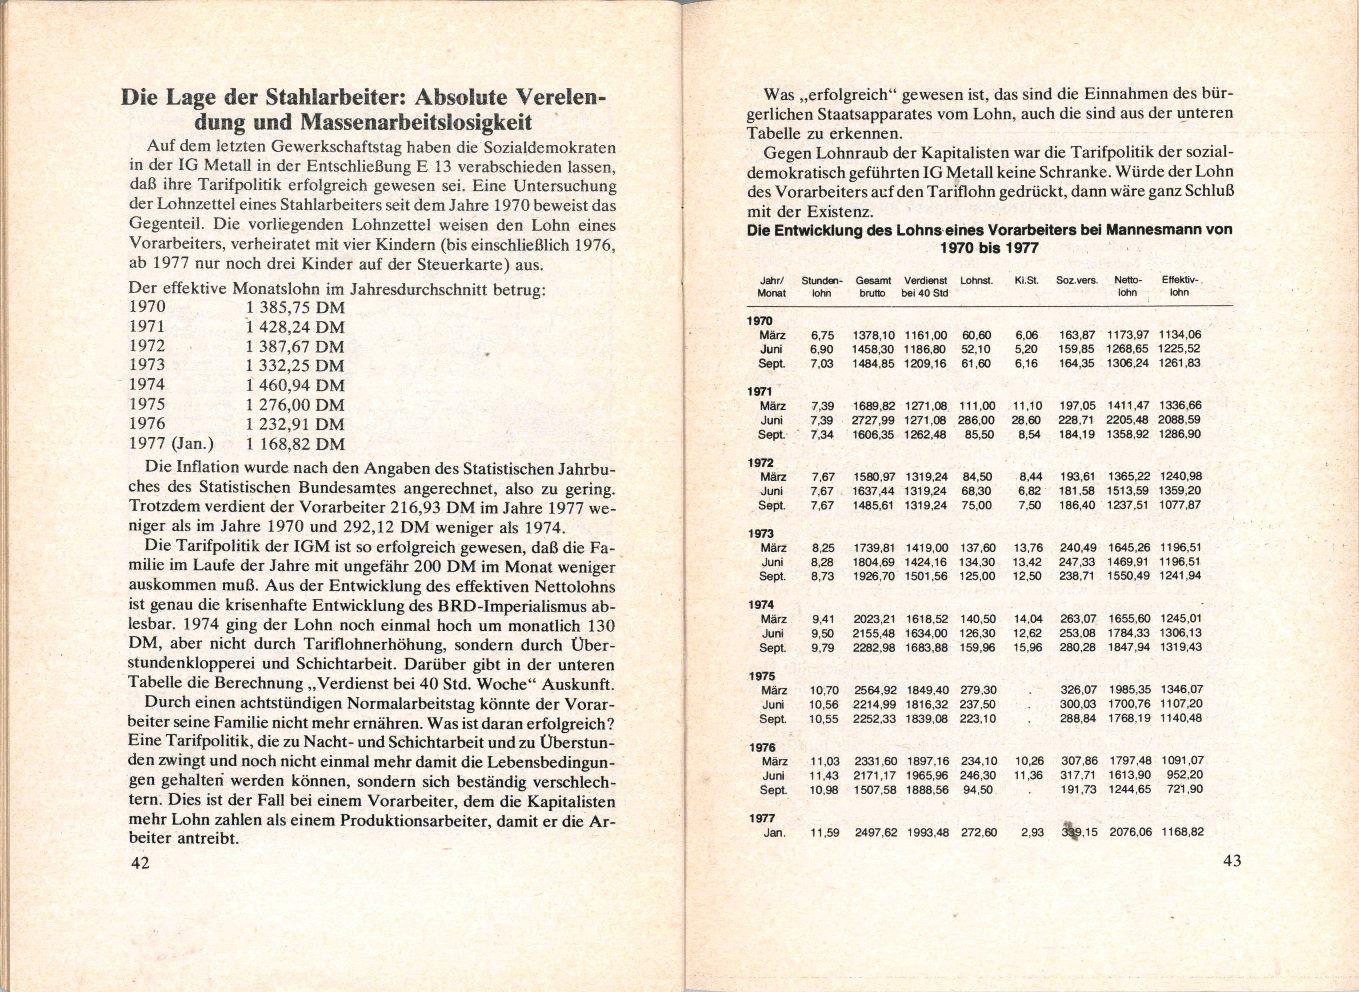 IGM_KBW_Krise_in_der_Stahlindustrie_1977_23